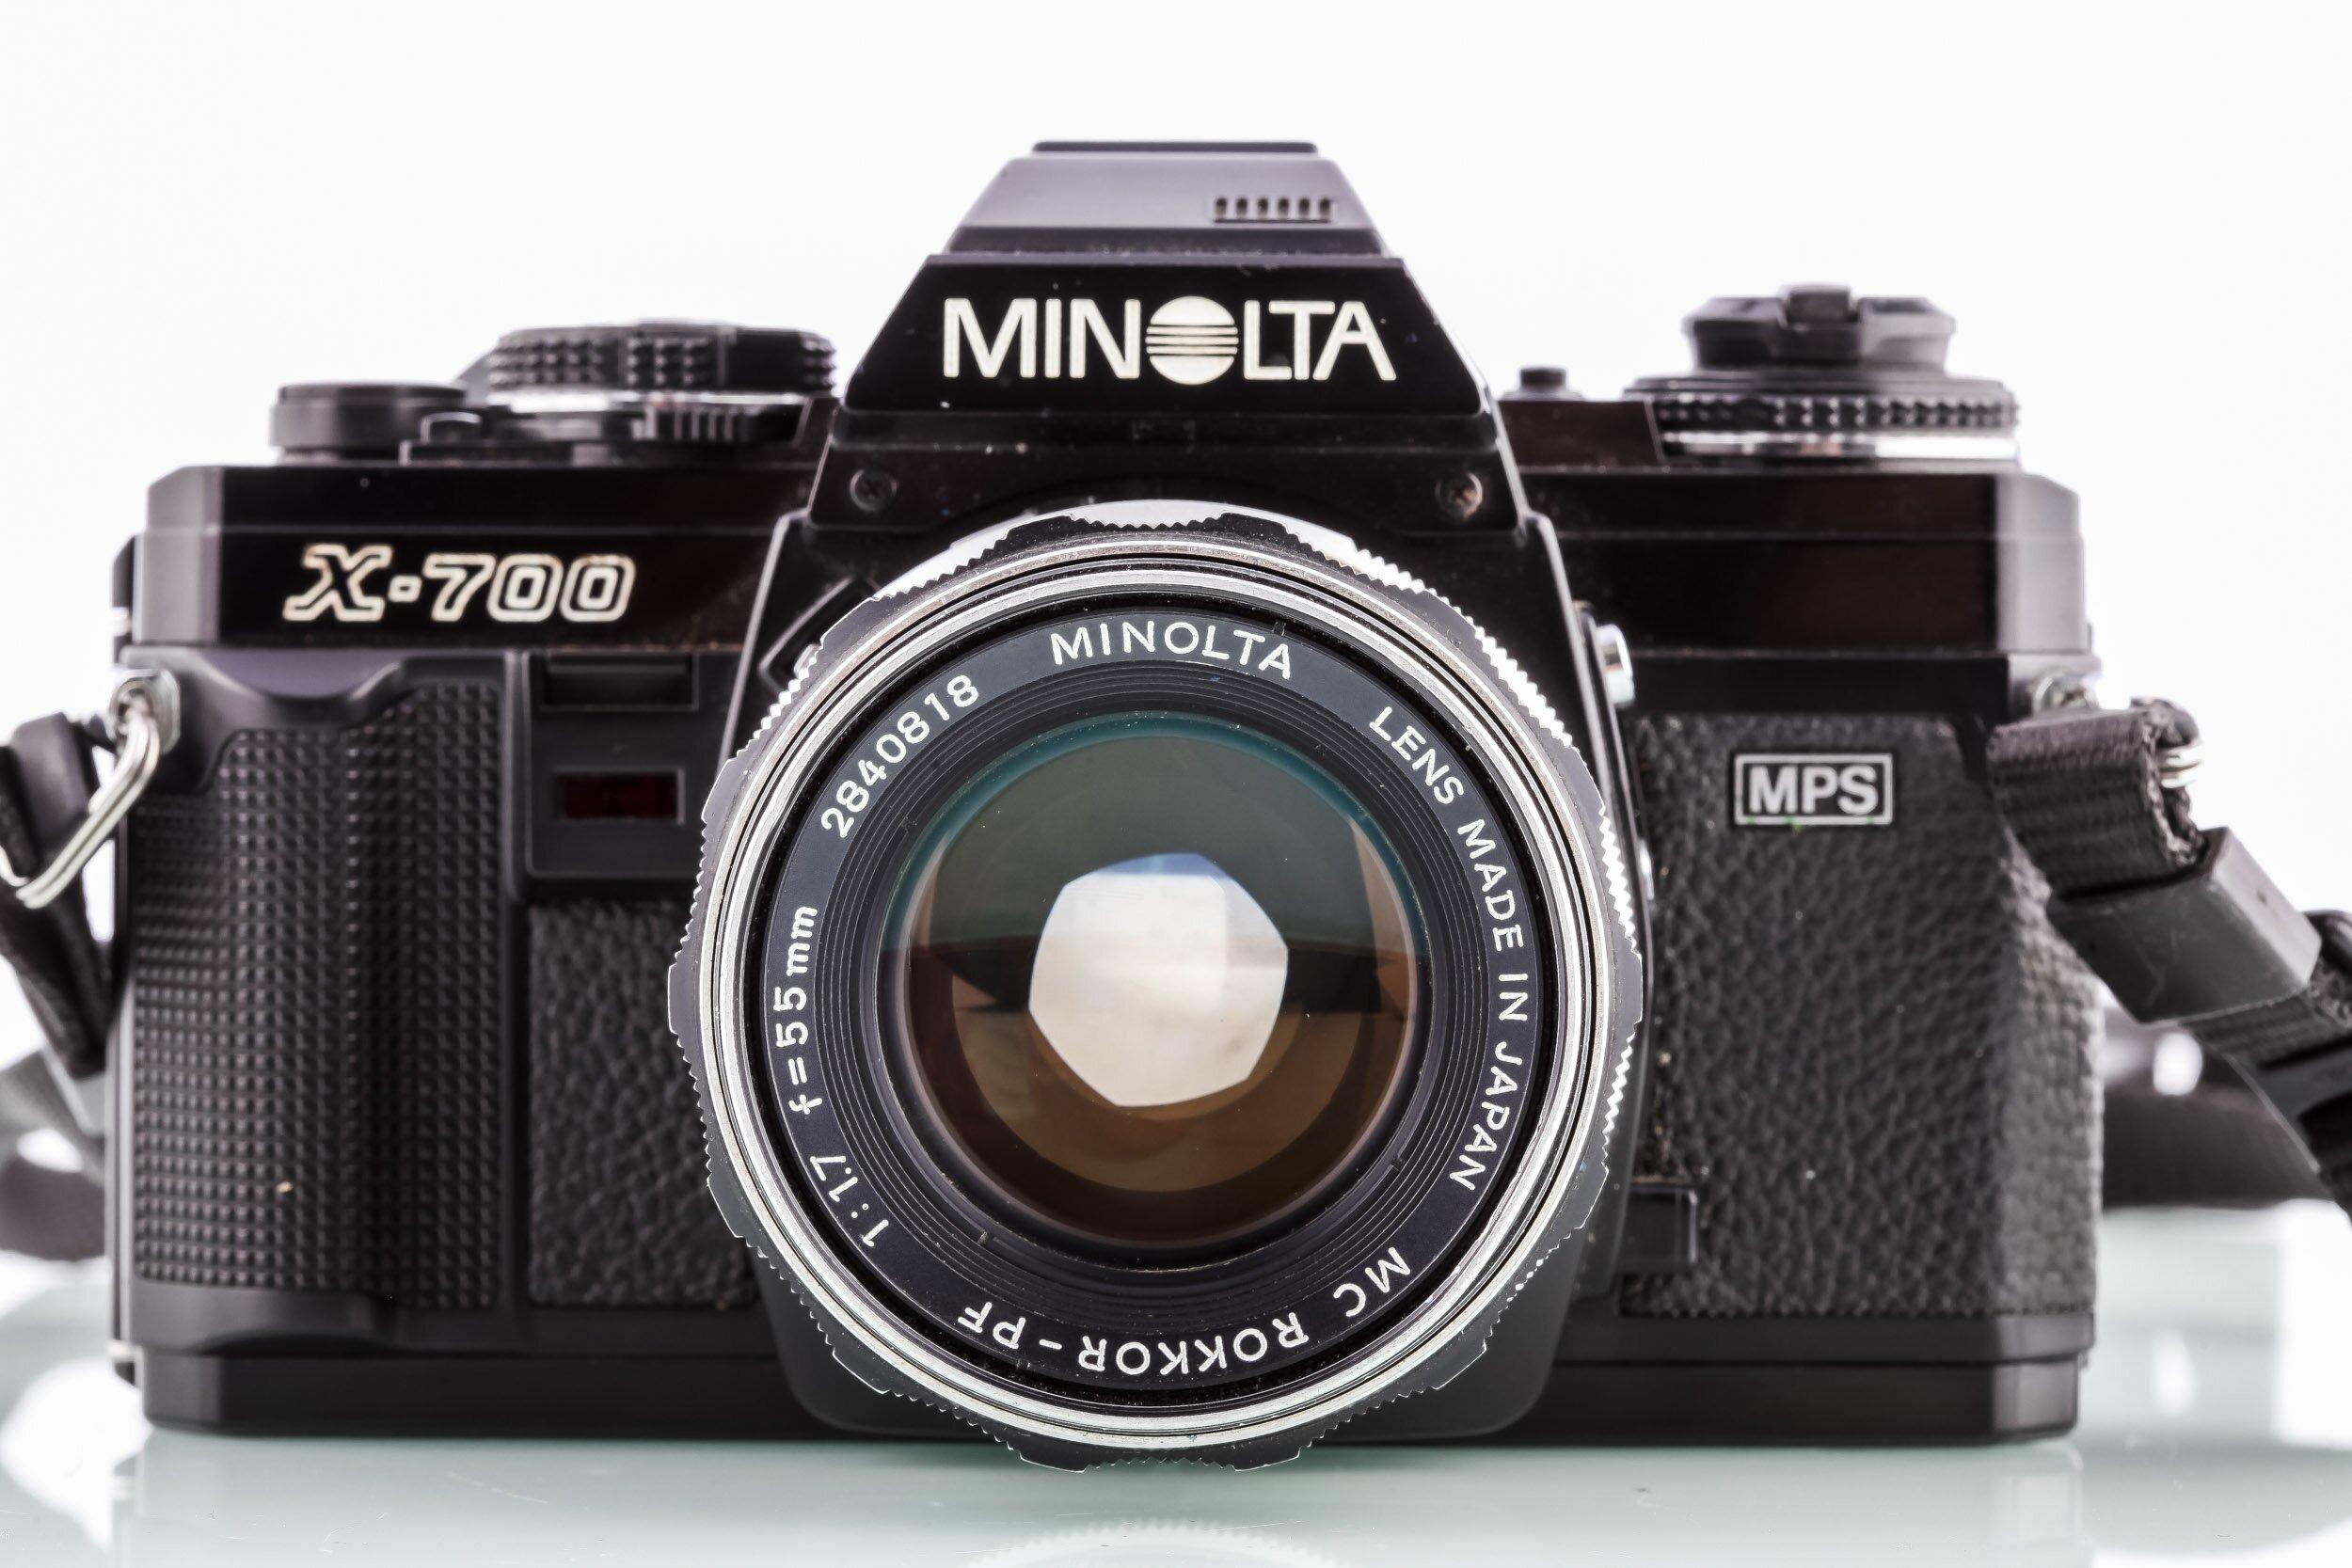 Minolta X-700 Analoge Spiegelreflexkamera cult